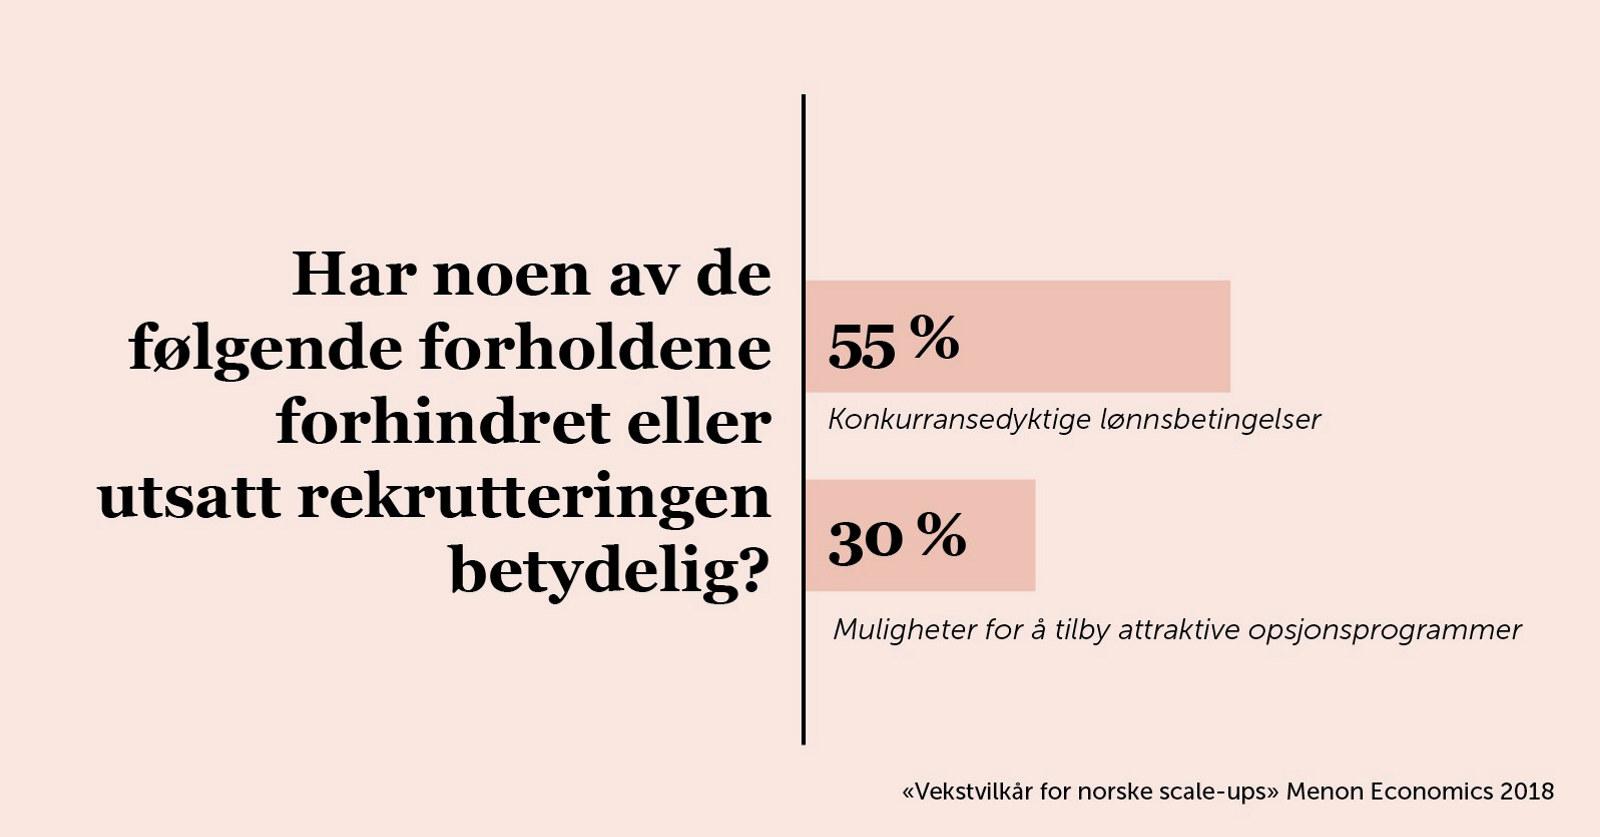 Figur fra rapporten Vekstvilkår for norske scaleups.